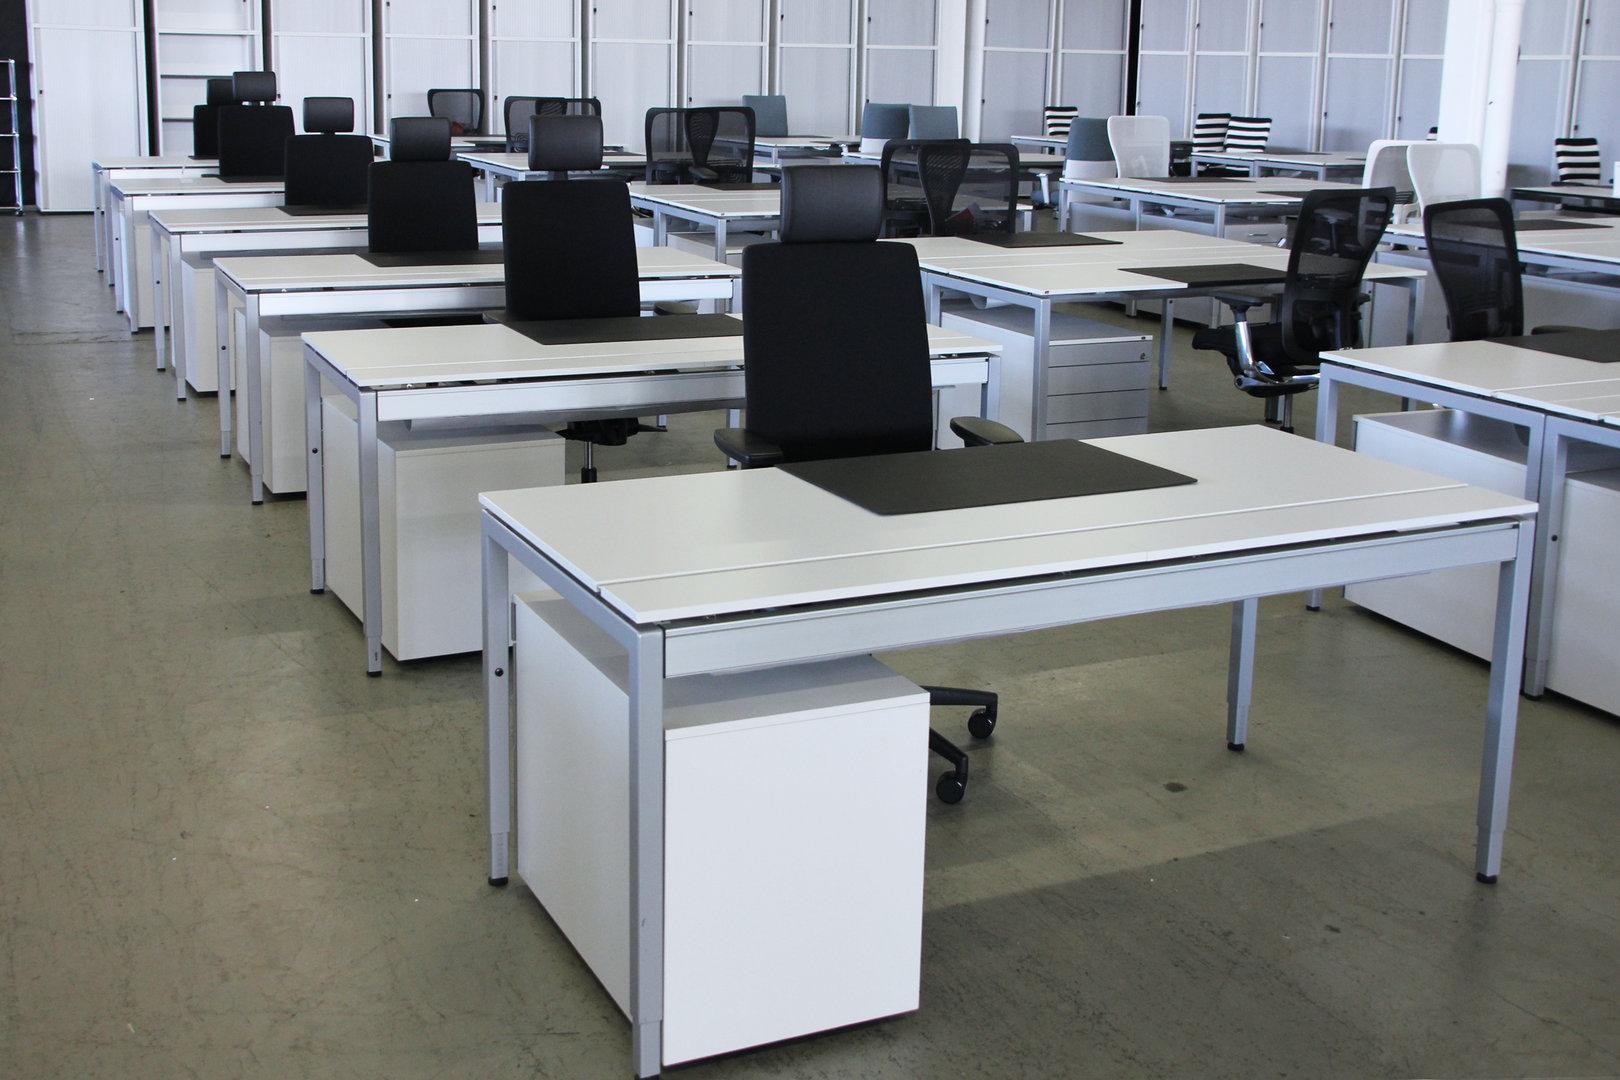 Bezaubernd Schreibtisch Mit Rollcontainer Referenz Von 380,00 €